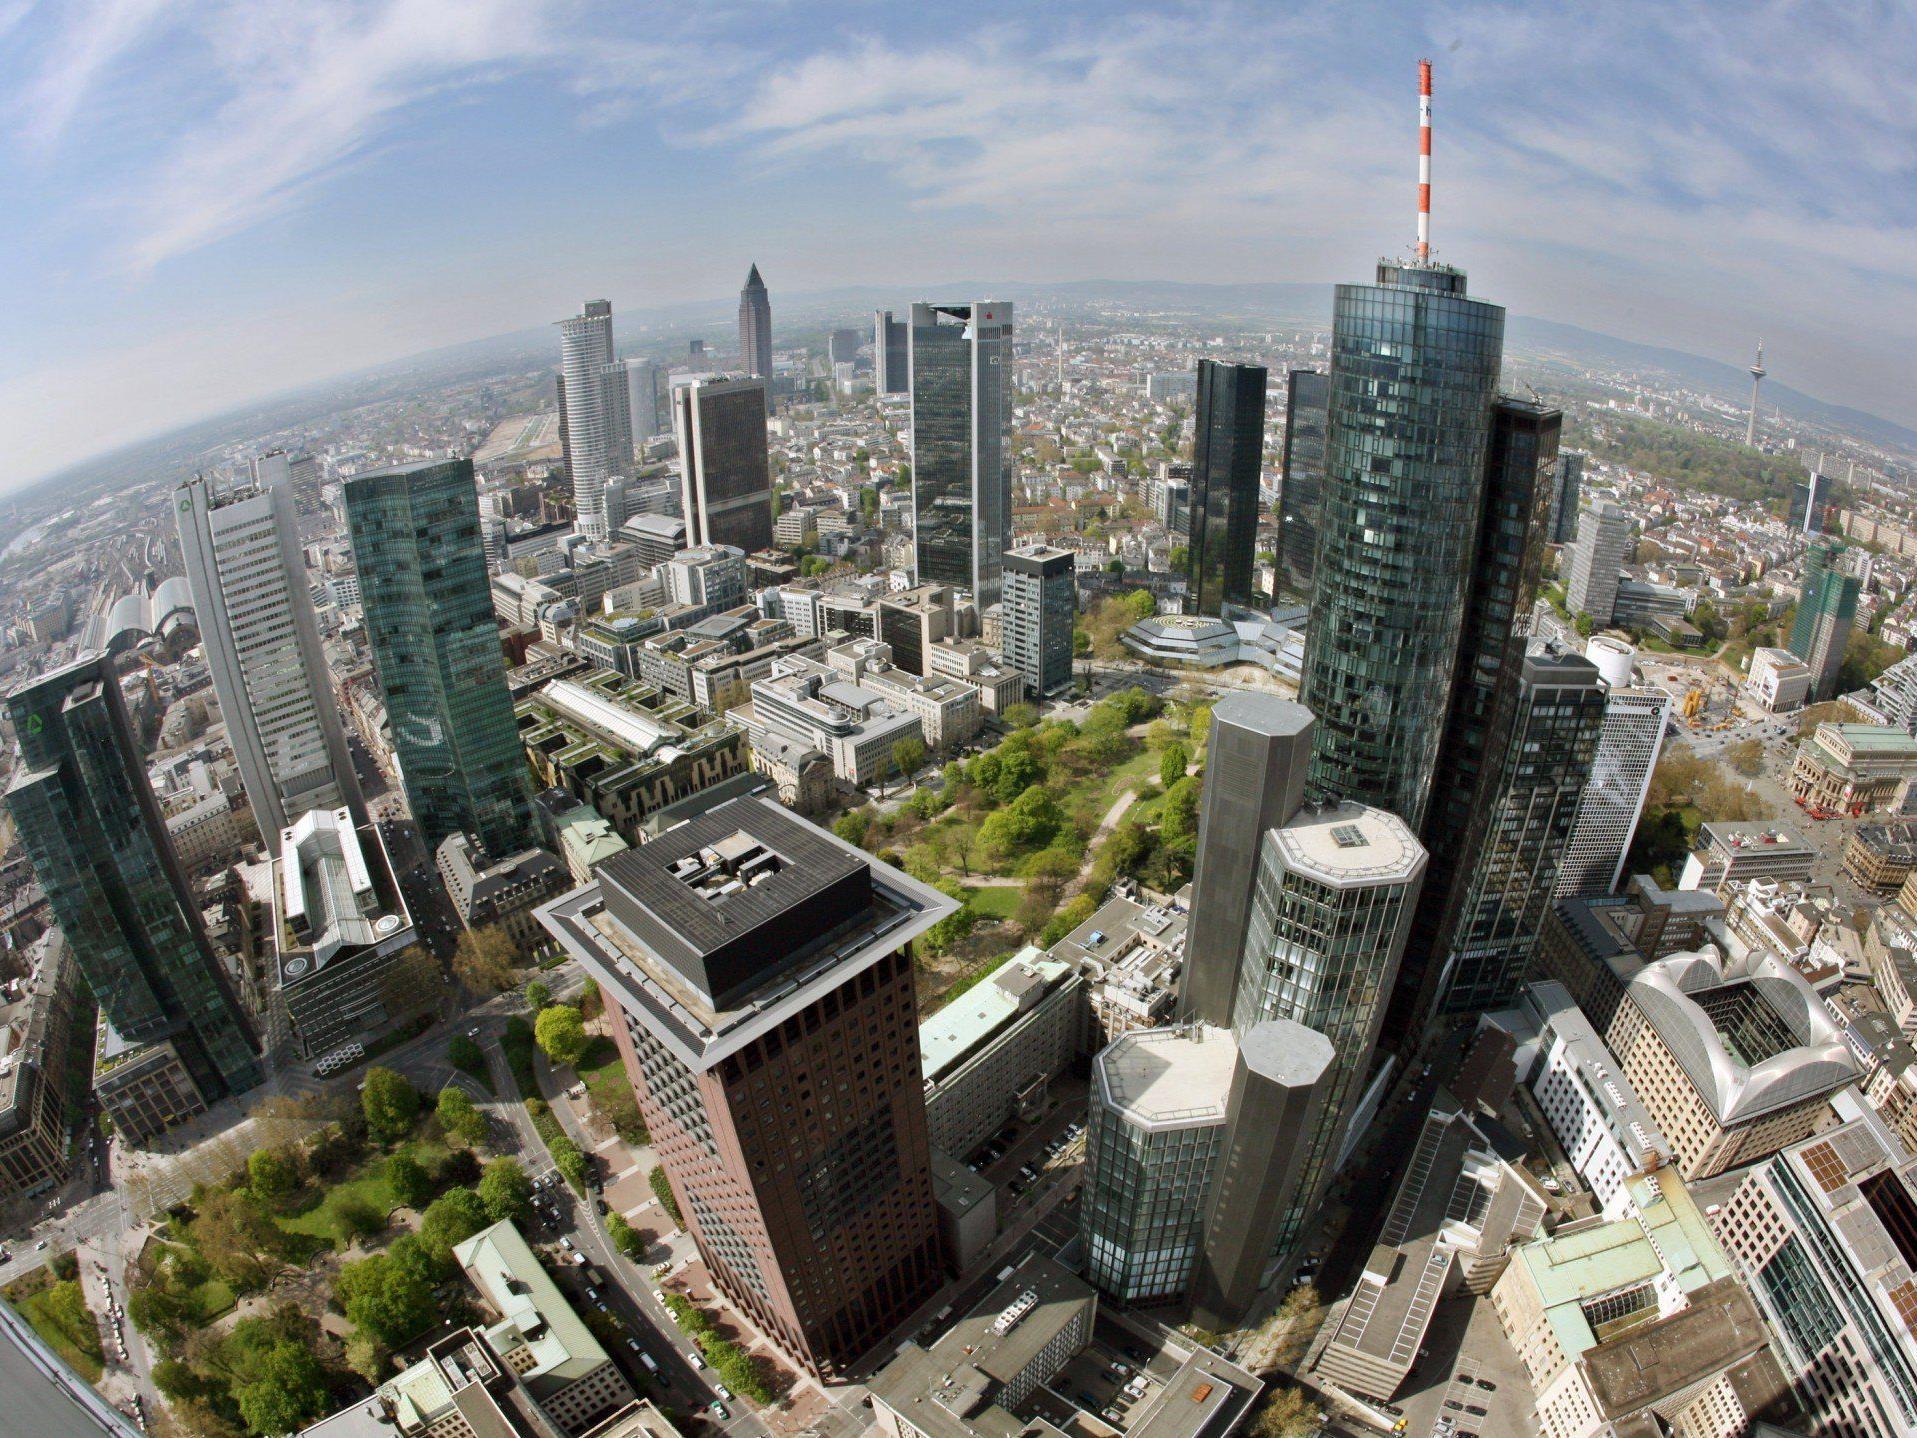 Bankenunion: Bankenaufsicht, Bankenabwicklung und Einlagensicherung - die drei Pfeiler der Bankenaufsicht.